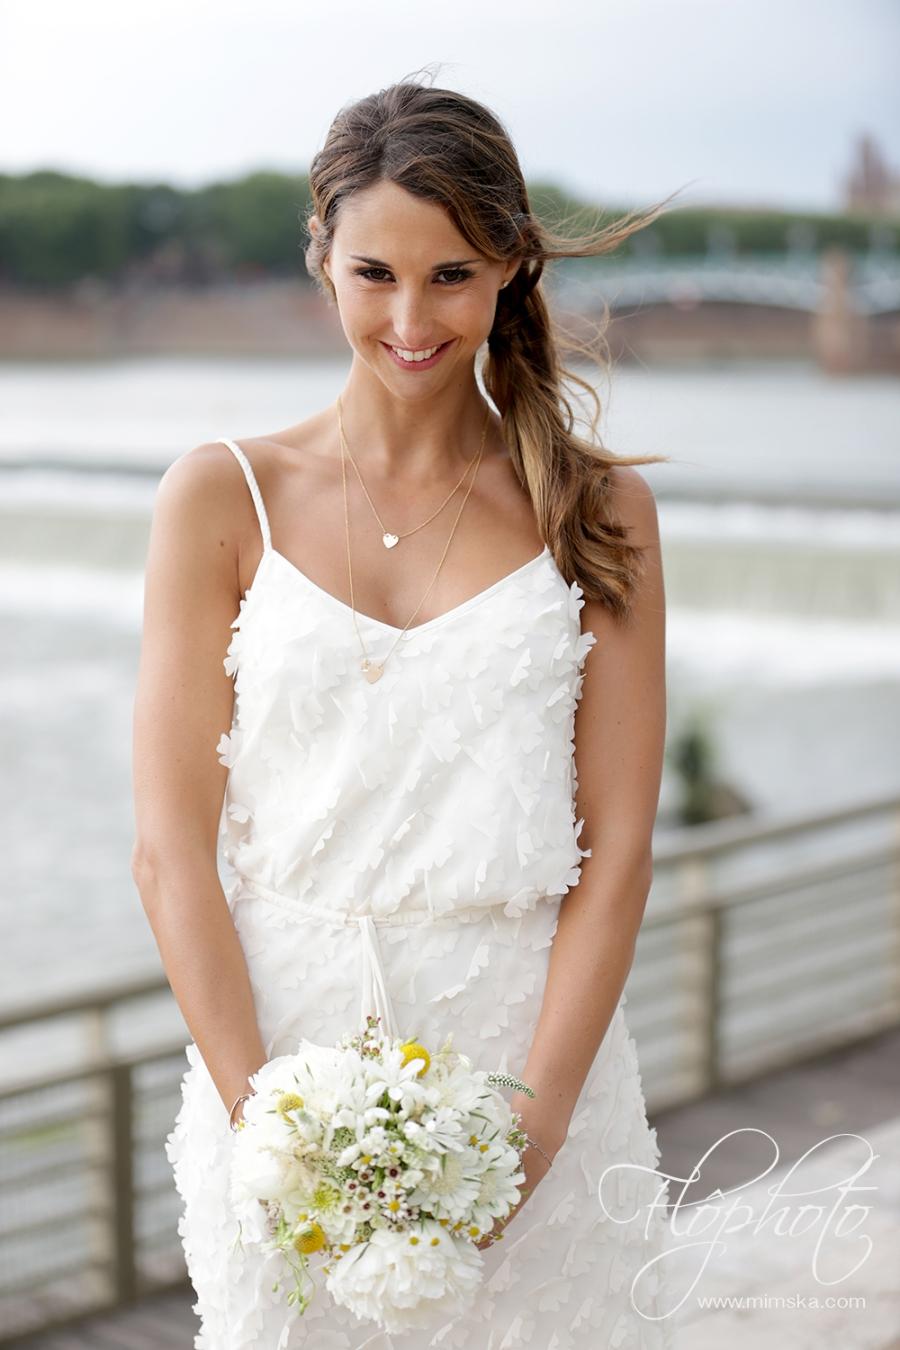 131_mariage_vincent_valerie_clerc_280614 - copie